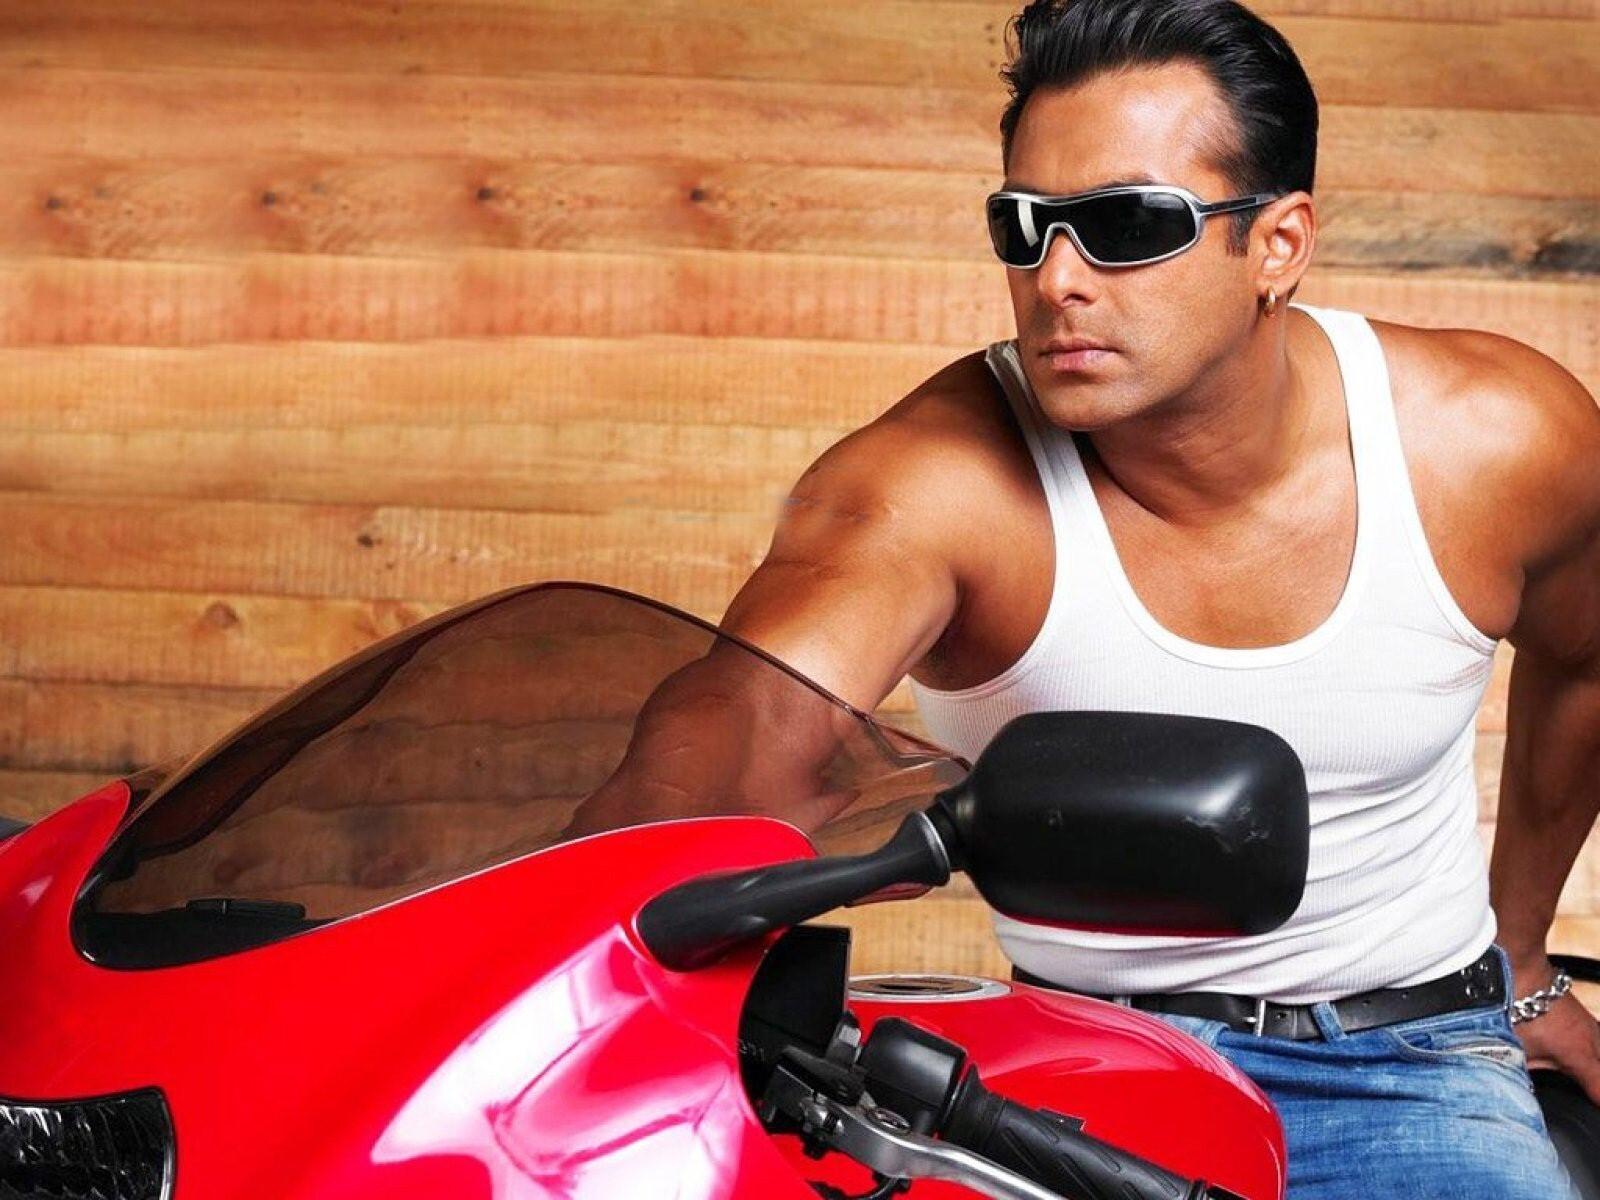 Salman Khan On Bike Hd Wallpapers